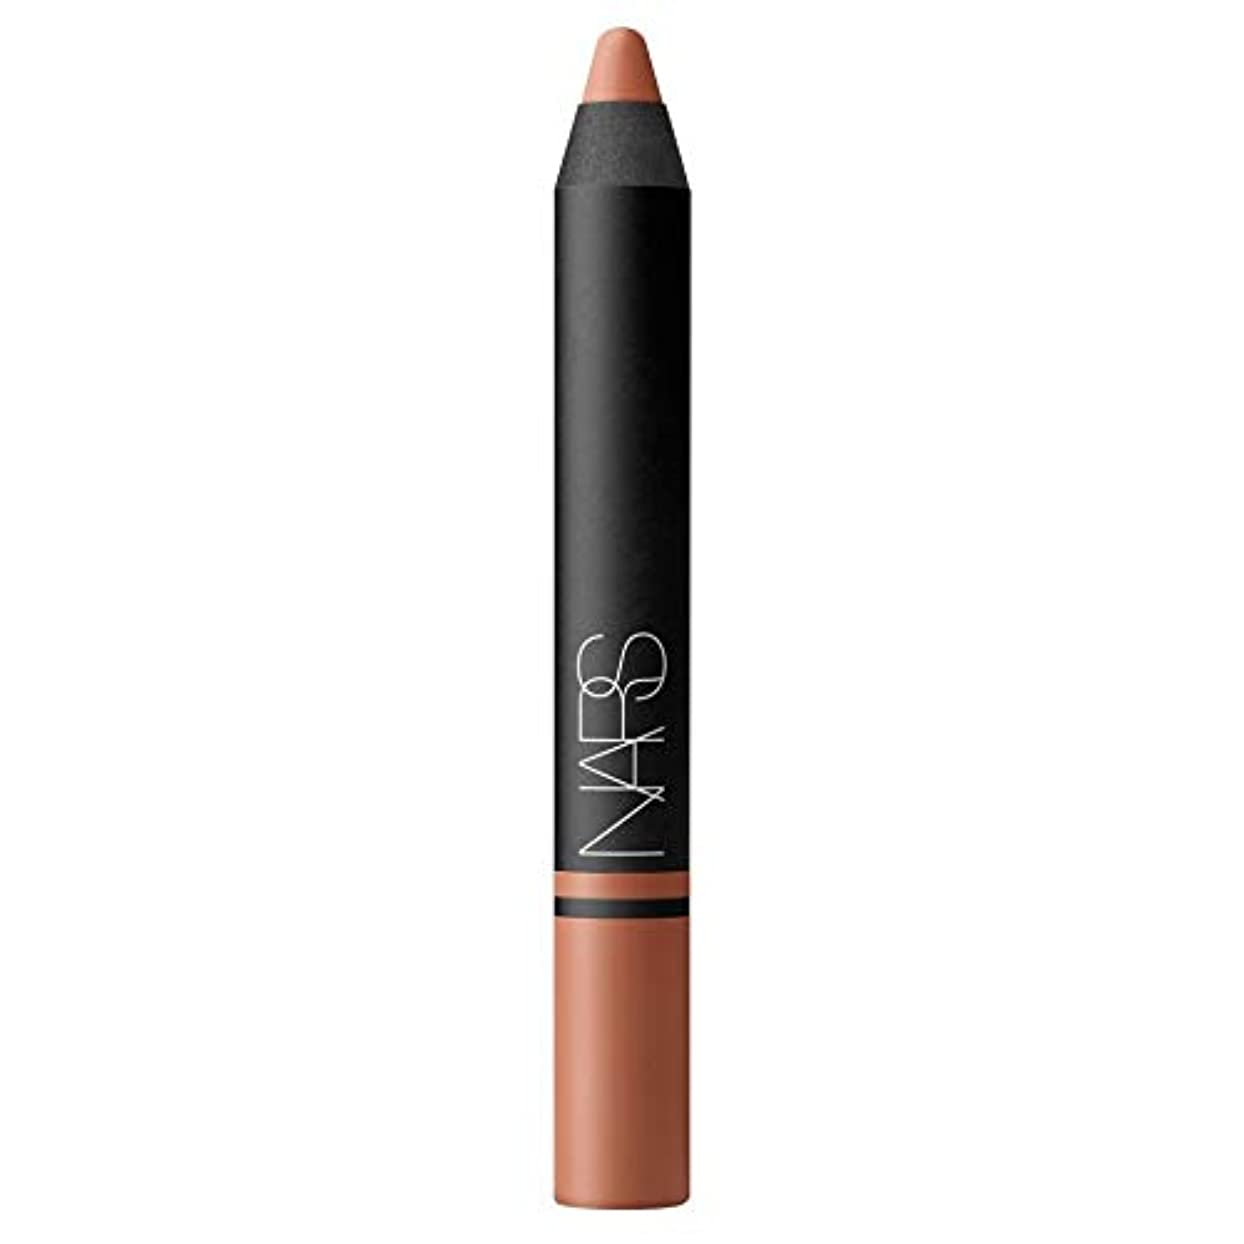 急ぐ強打楽な[NARS] ベッラ島でのNarサテンリップペンシル - Nars Satin Lip Pencil in Isola Bella [並行輸入品]